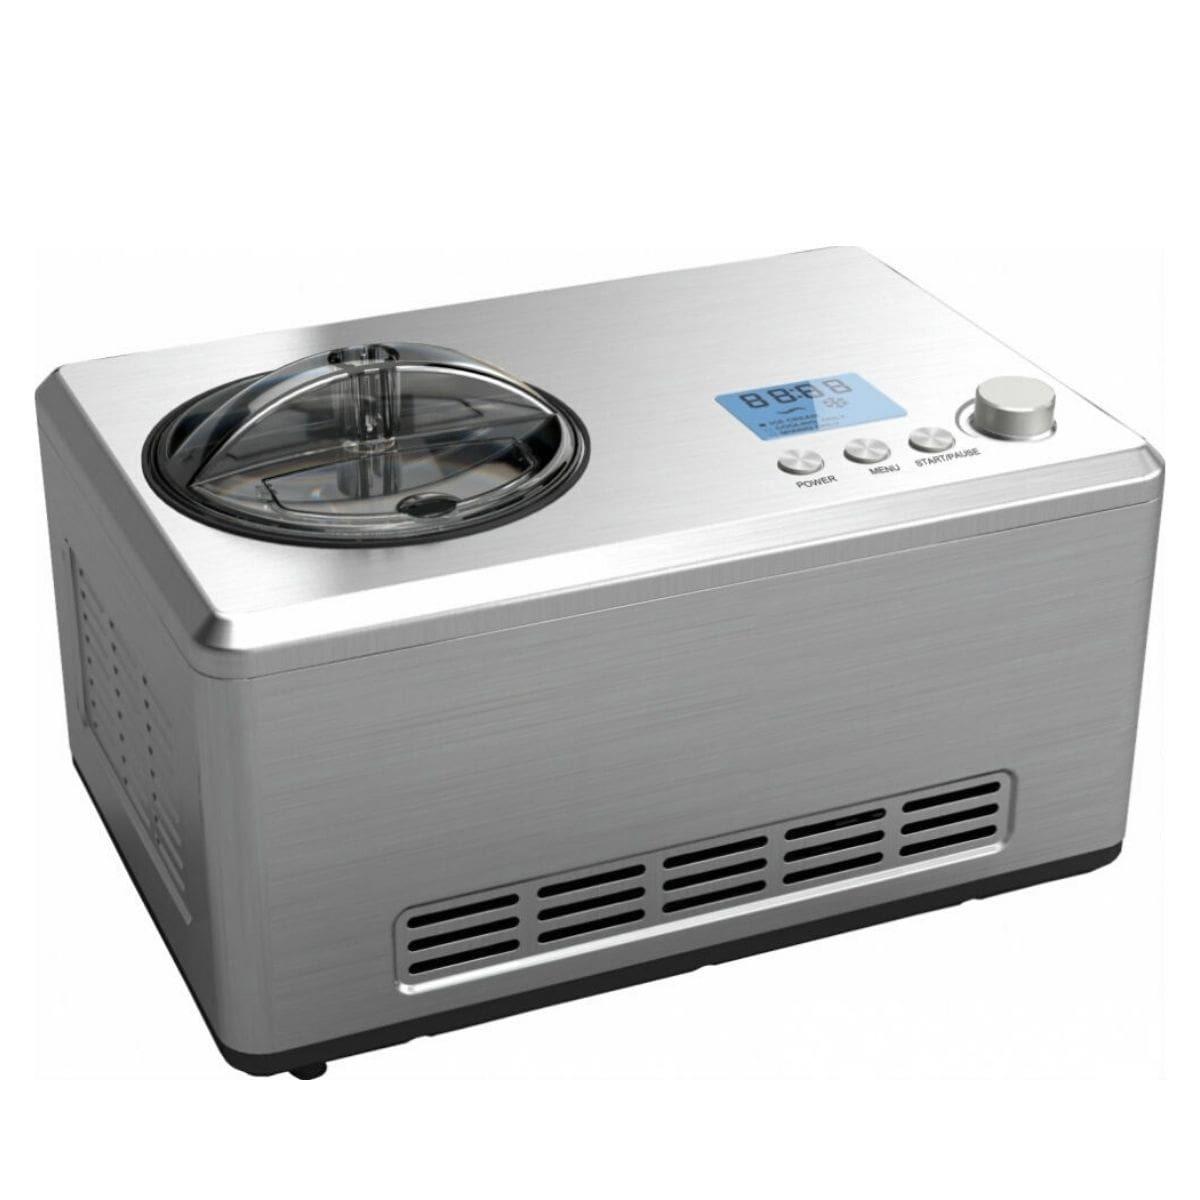 Автоматическая мороженица Gastrorag ICM-2031 (2 литра) серебристая